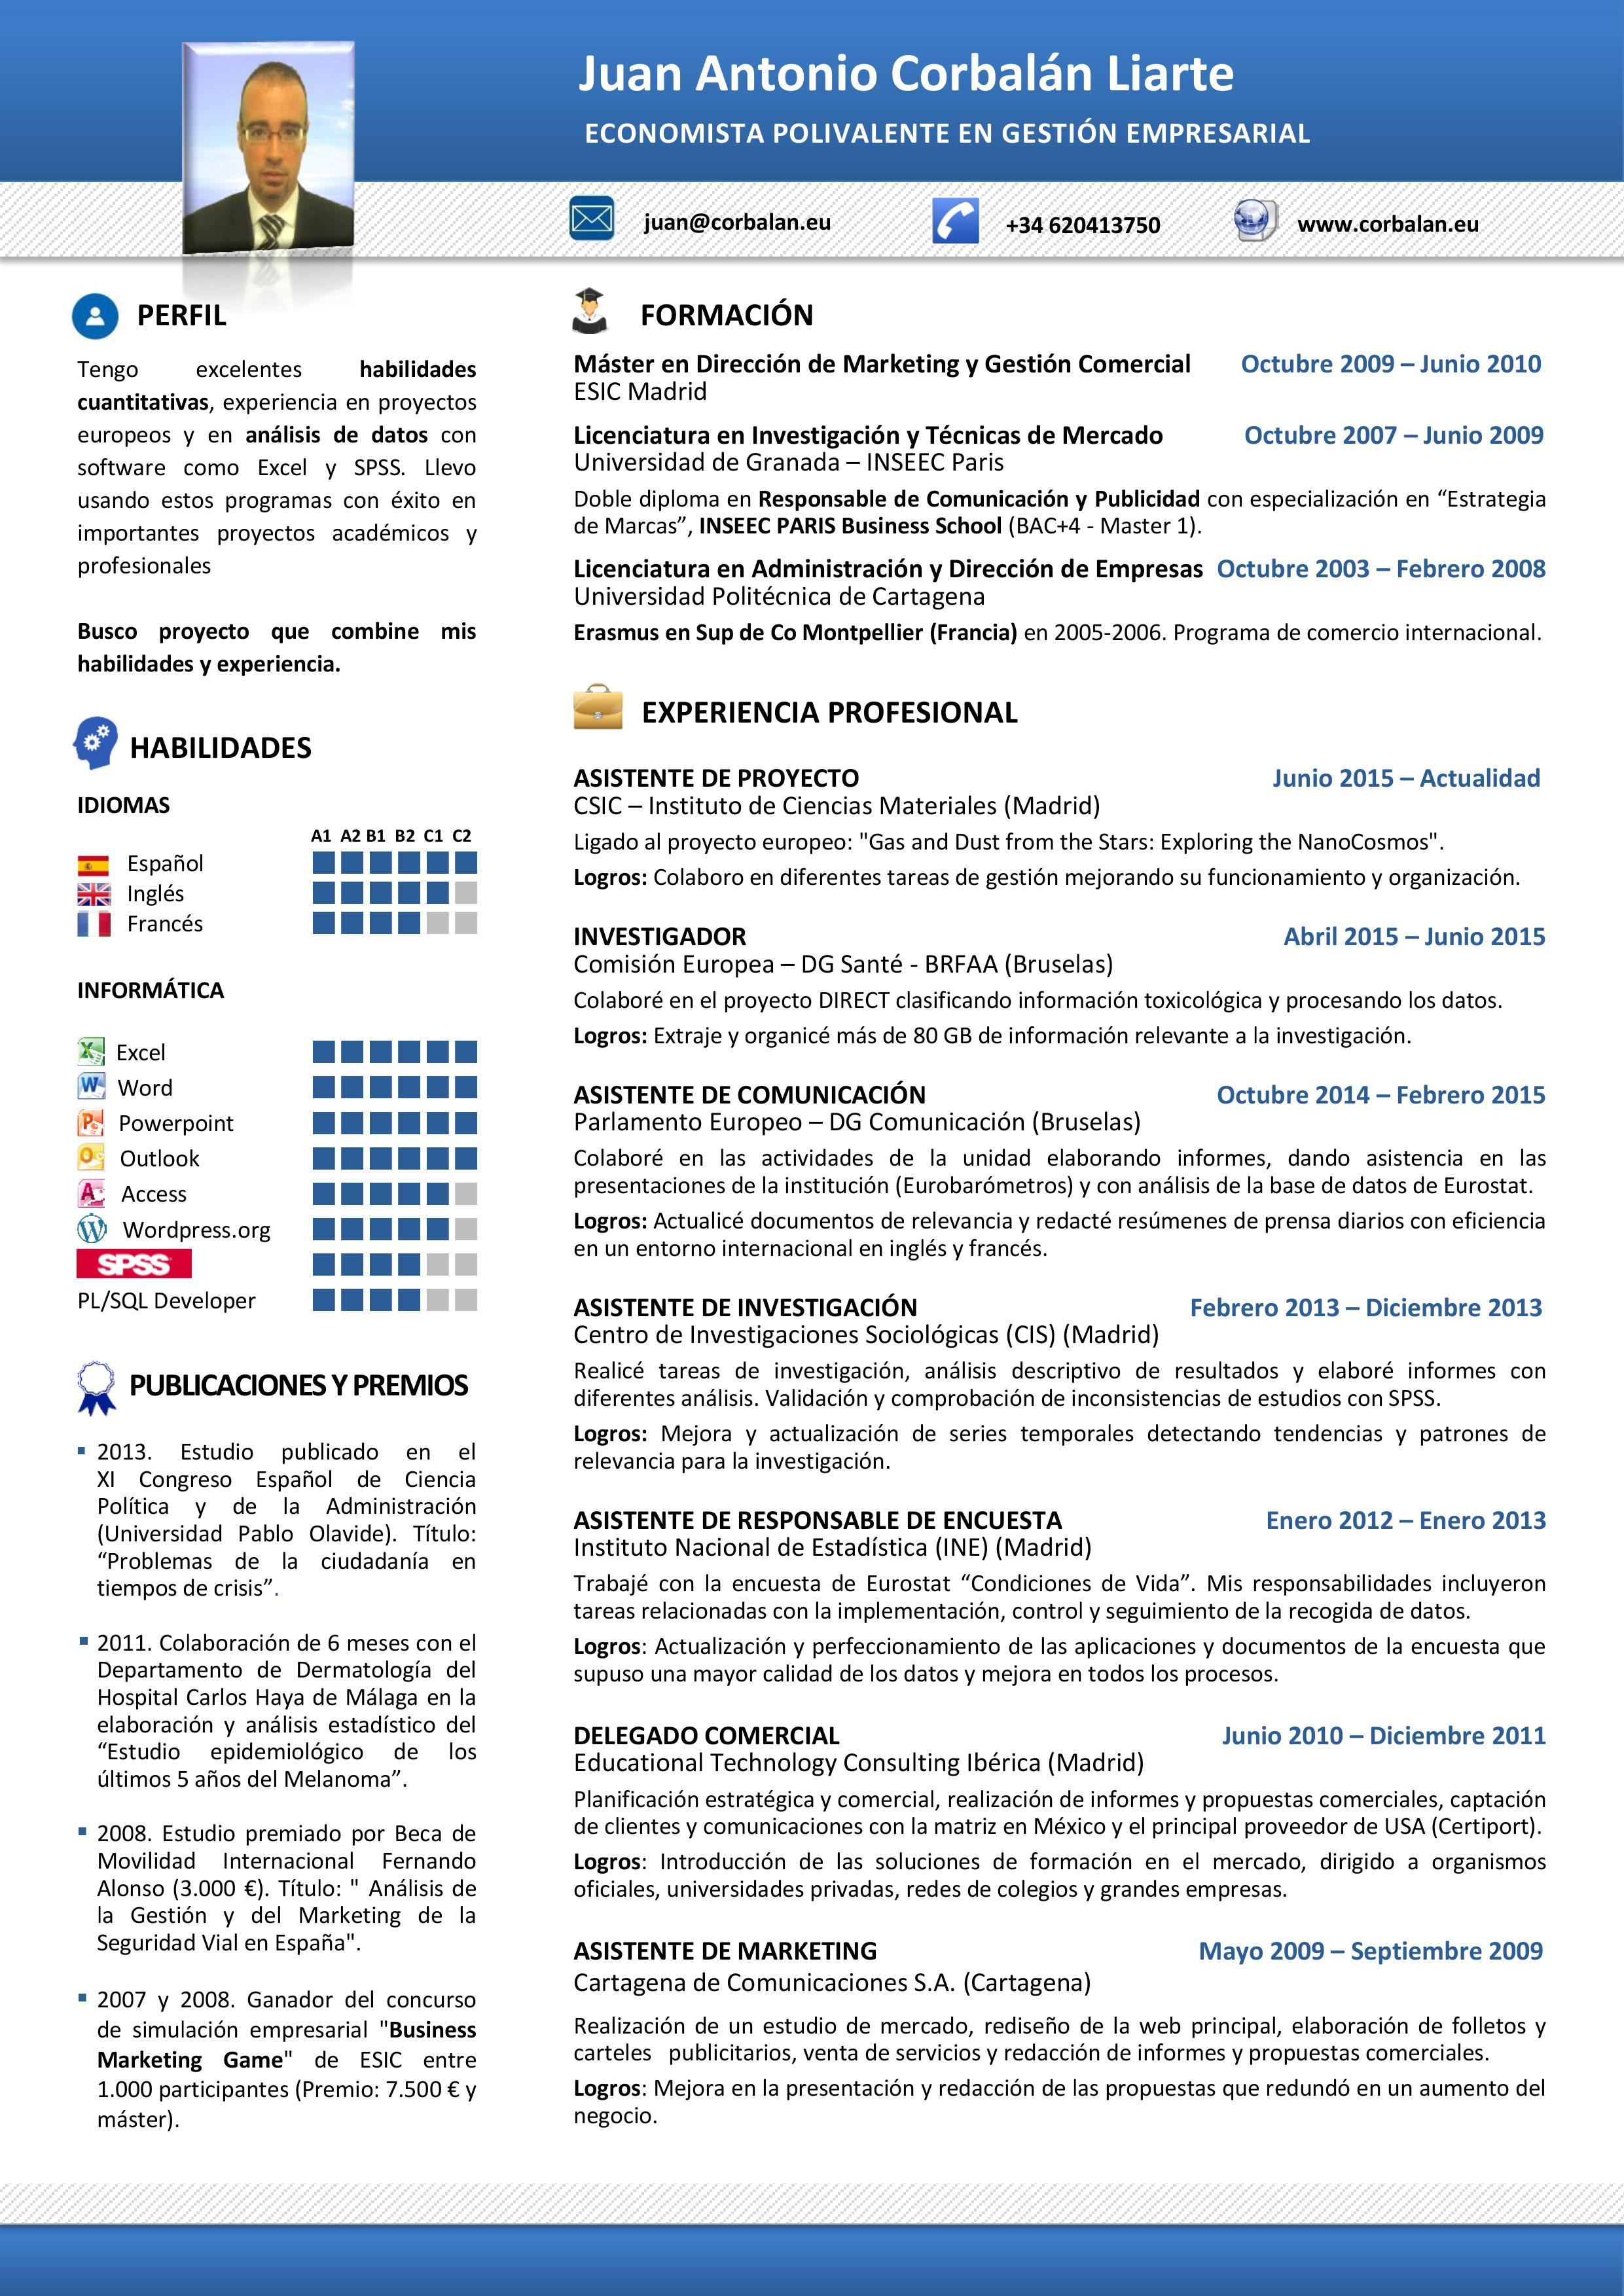 Juan Antonio Corbalan - Curriculum Vitae